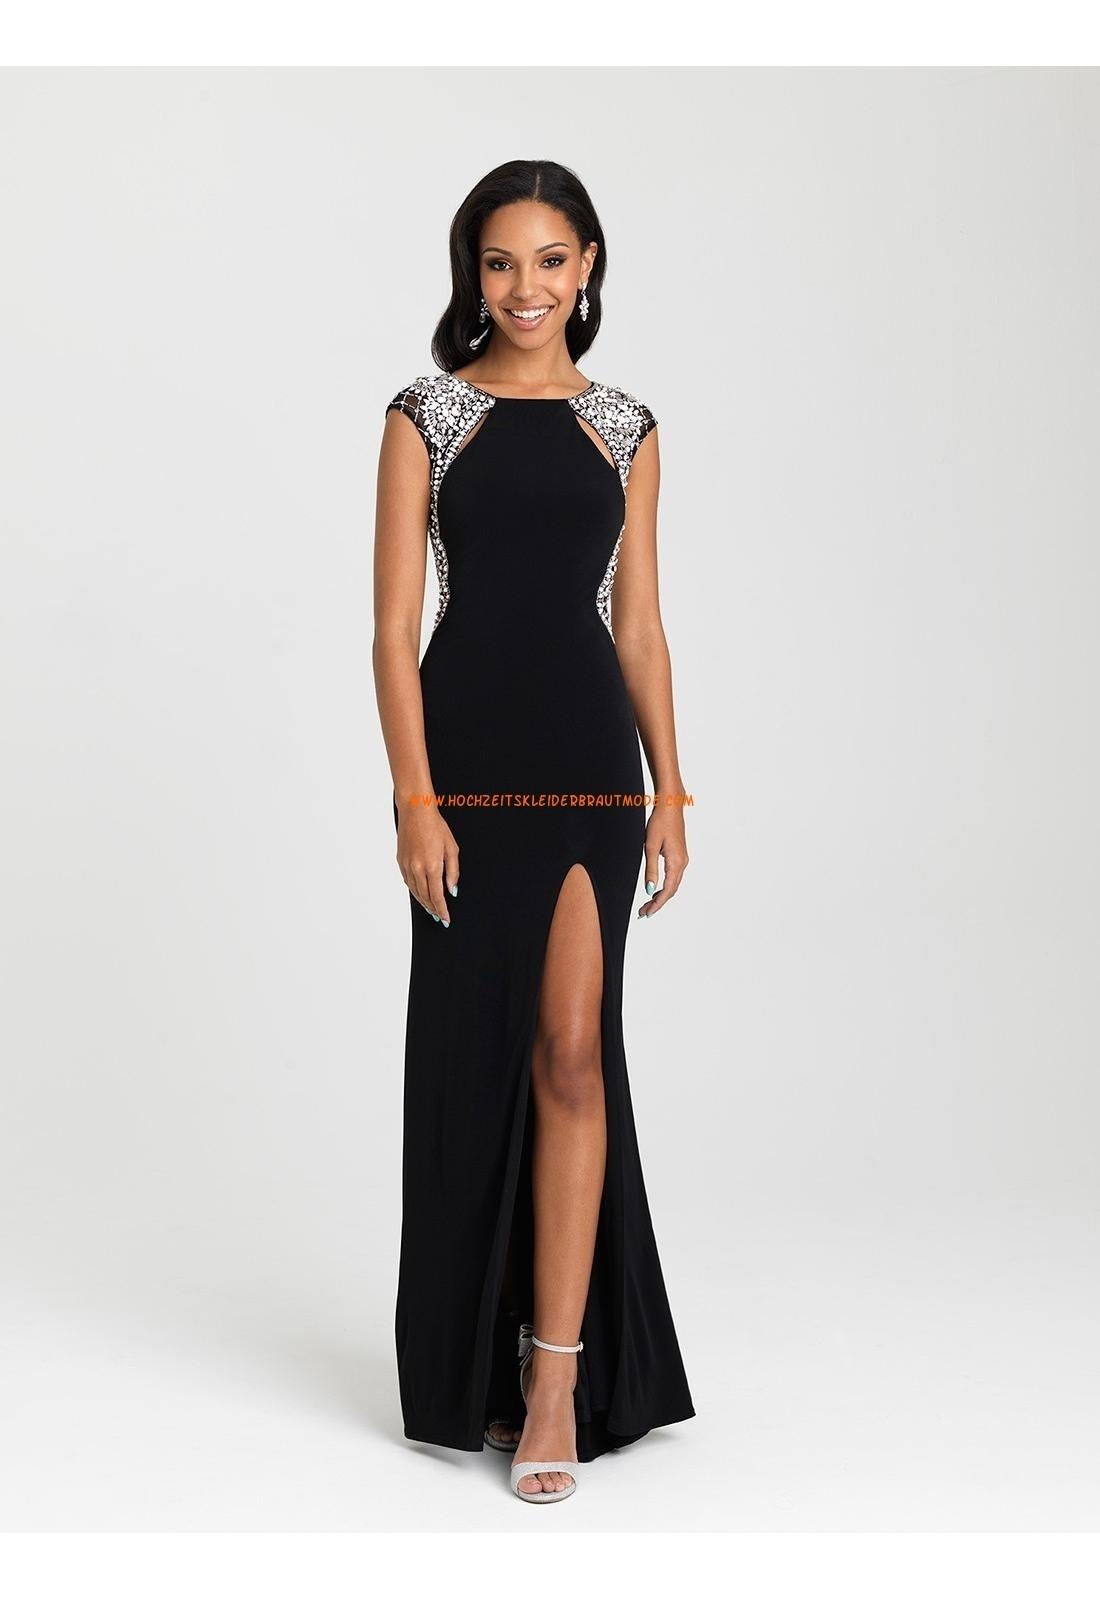 12 Kreativ Ausgefallene Abendkleider für 12 - Abendkleid